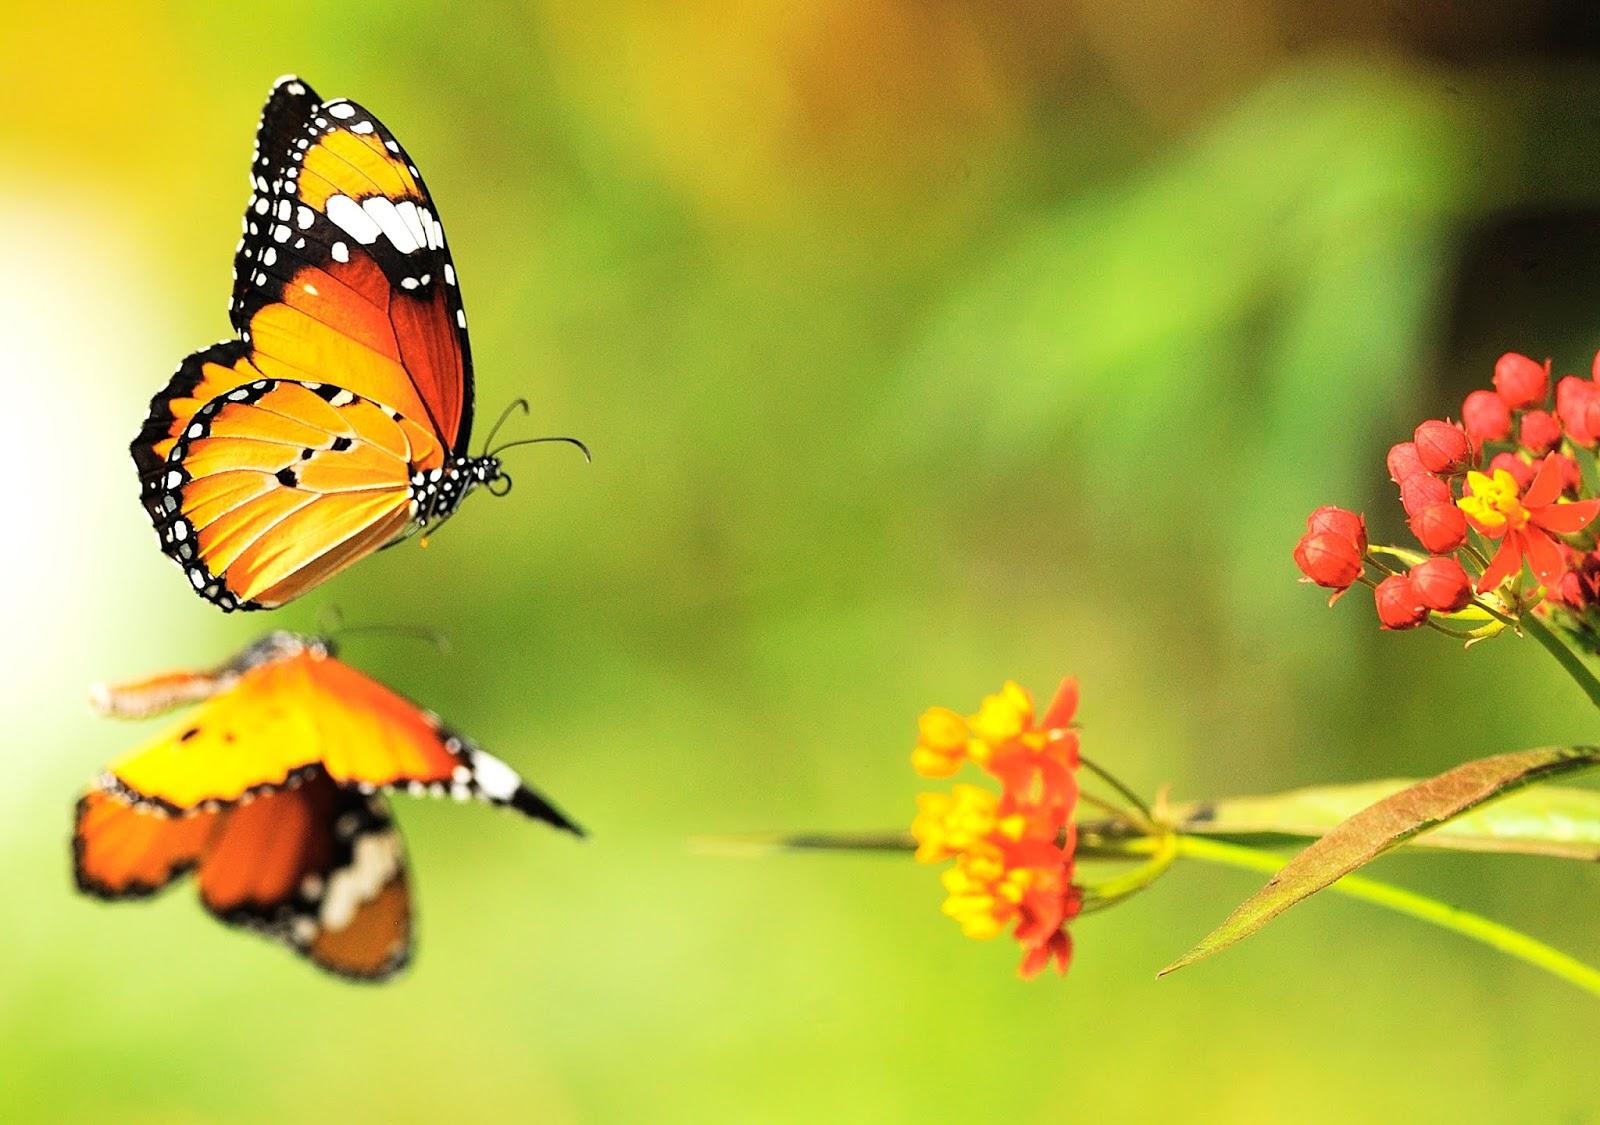 Hình nền đôi bướm và cánh hoa